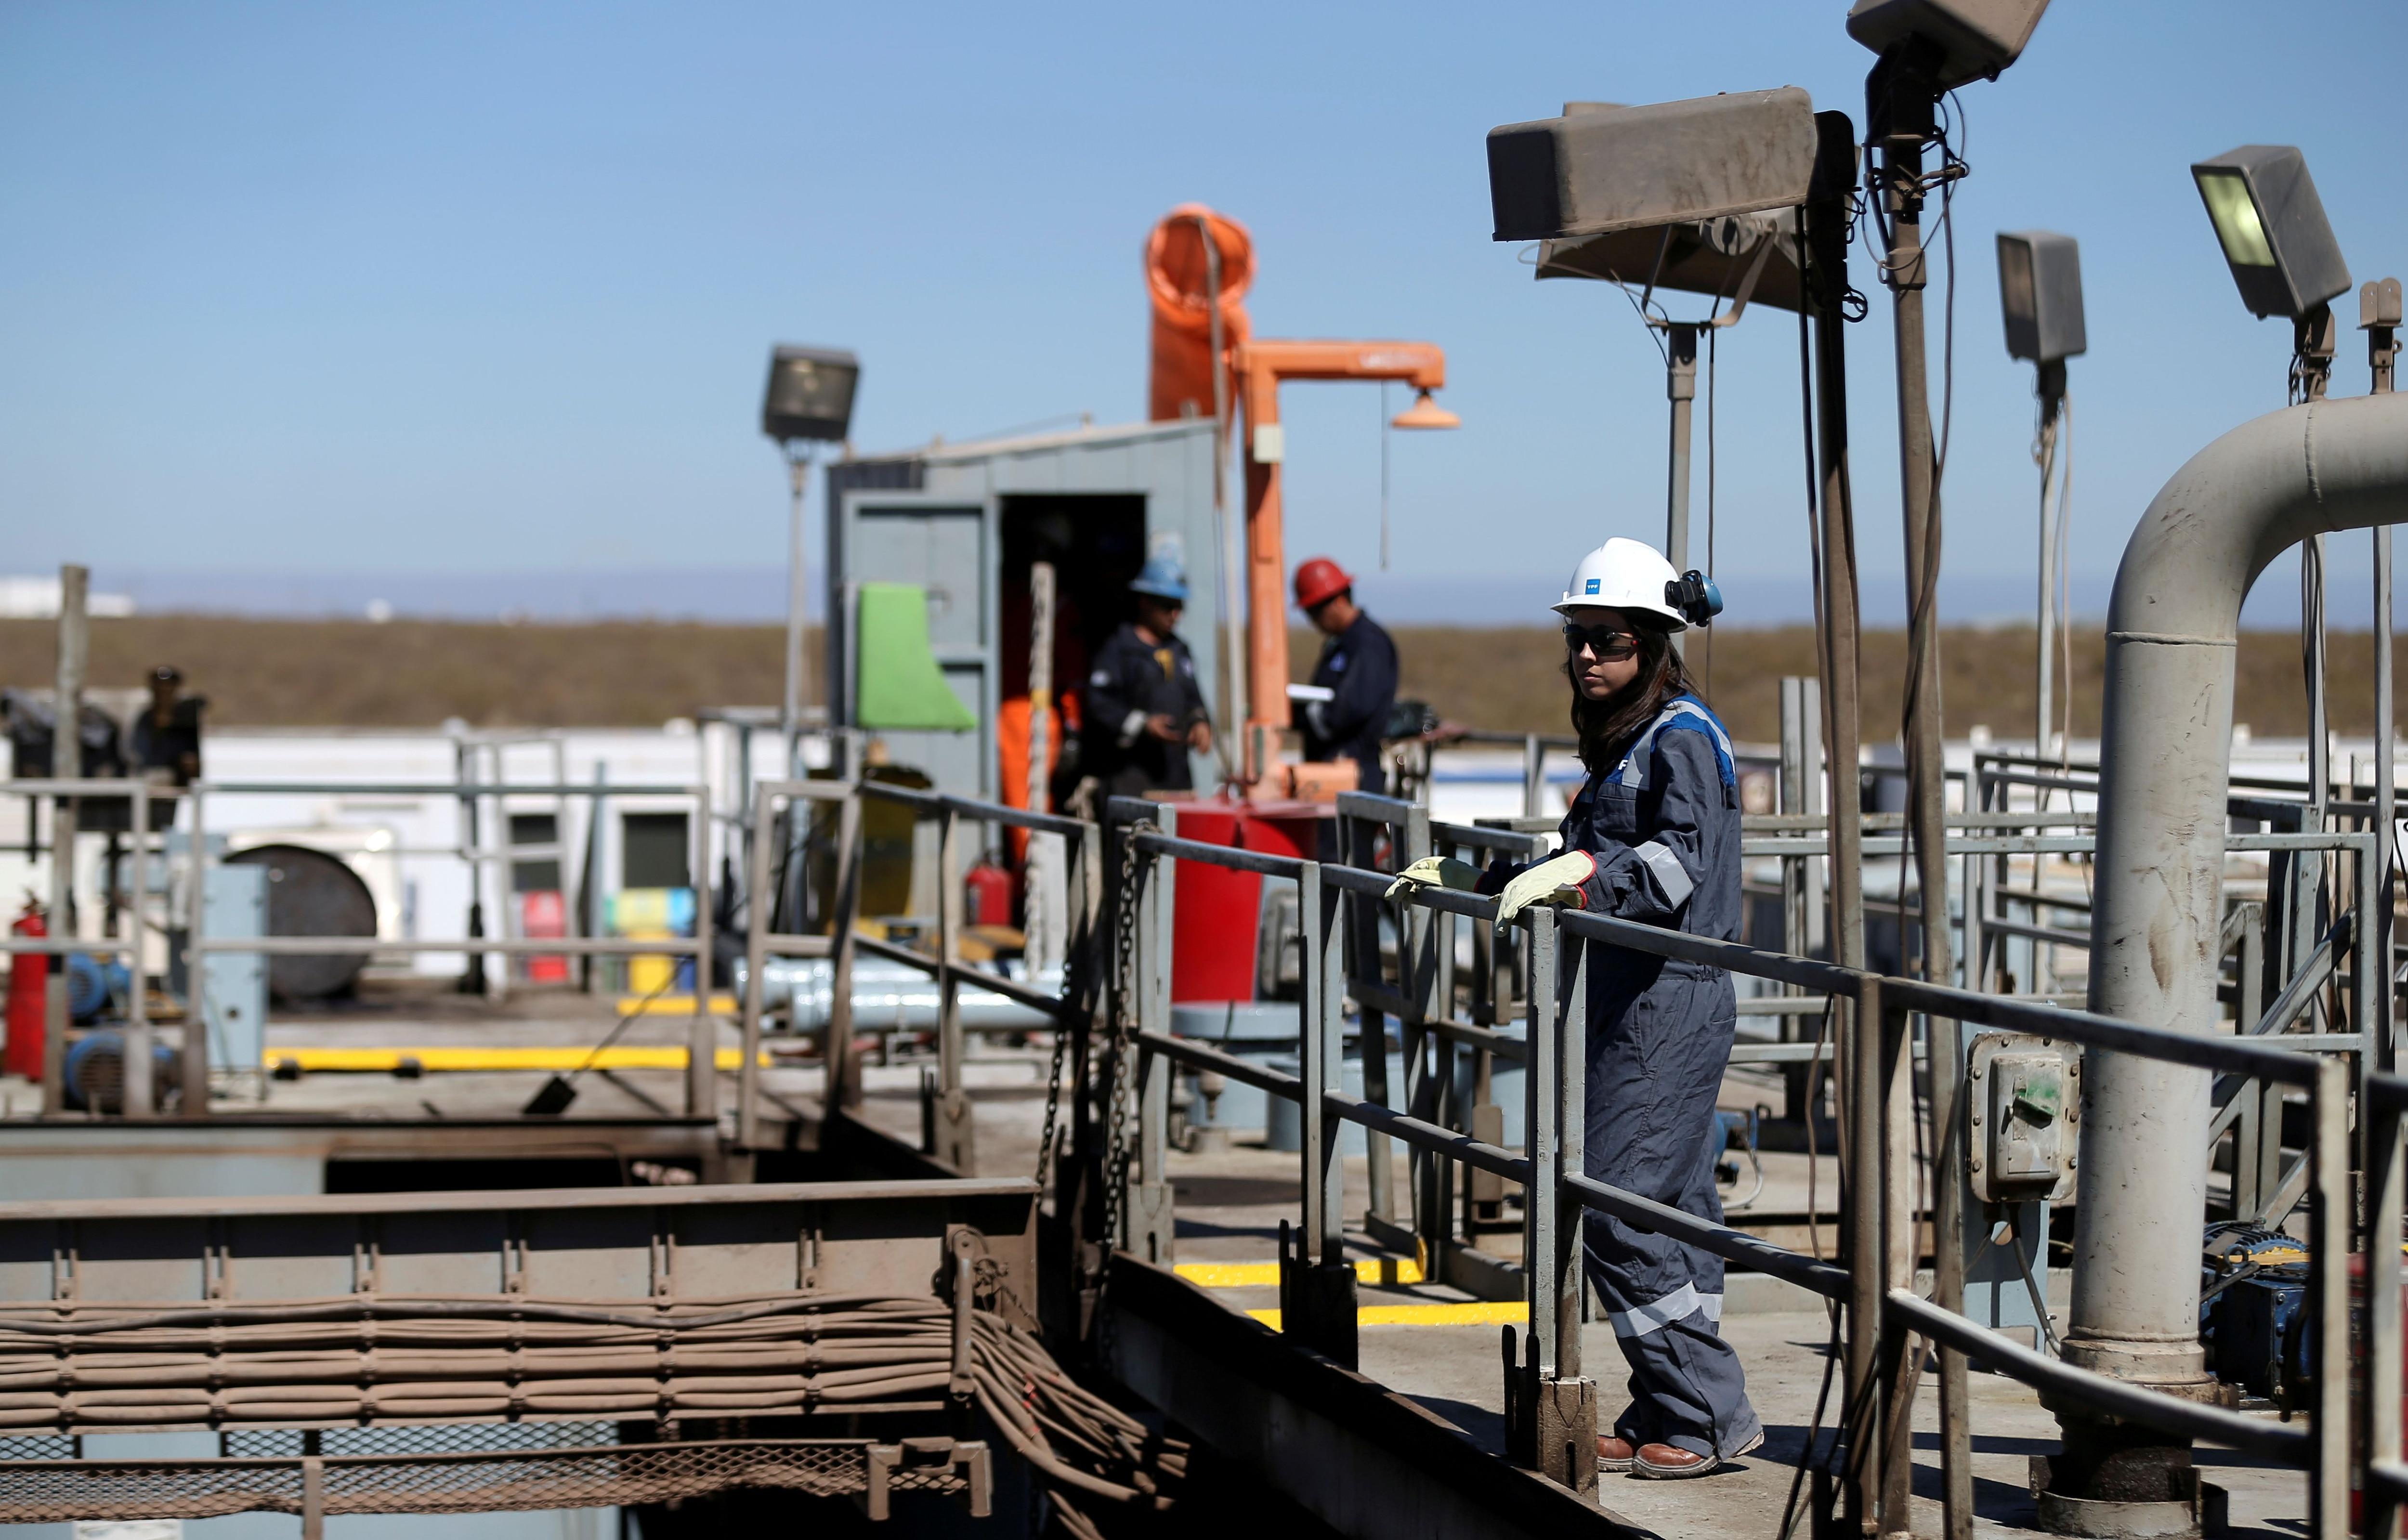 Un operario de una de las plataformas de la cuenta de shale gas (REUTERS/Agustín Marcarian)